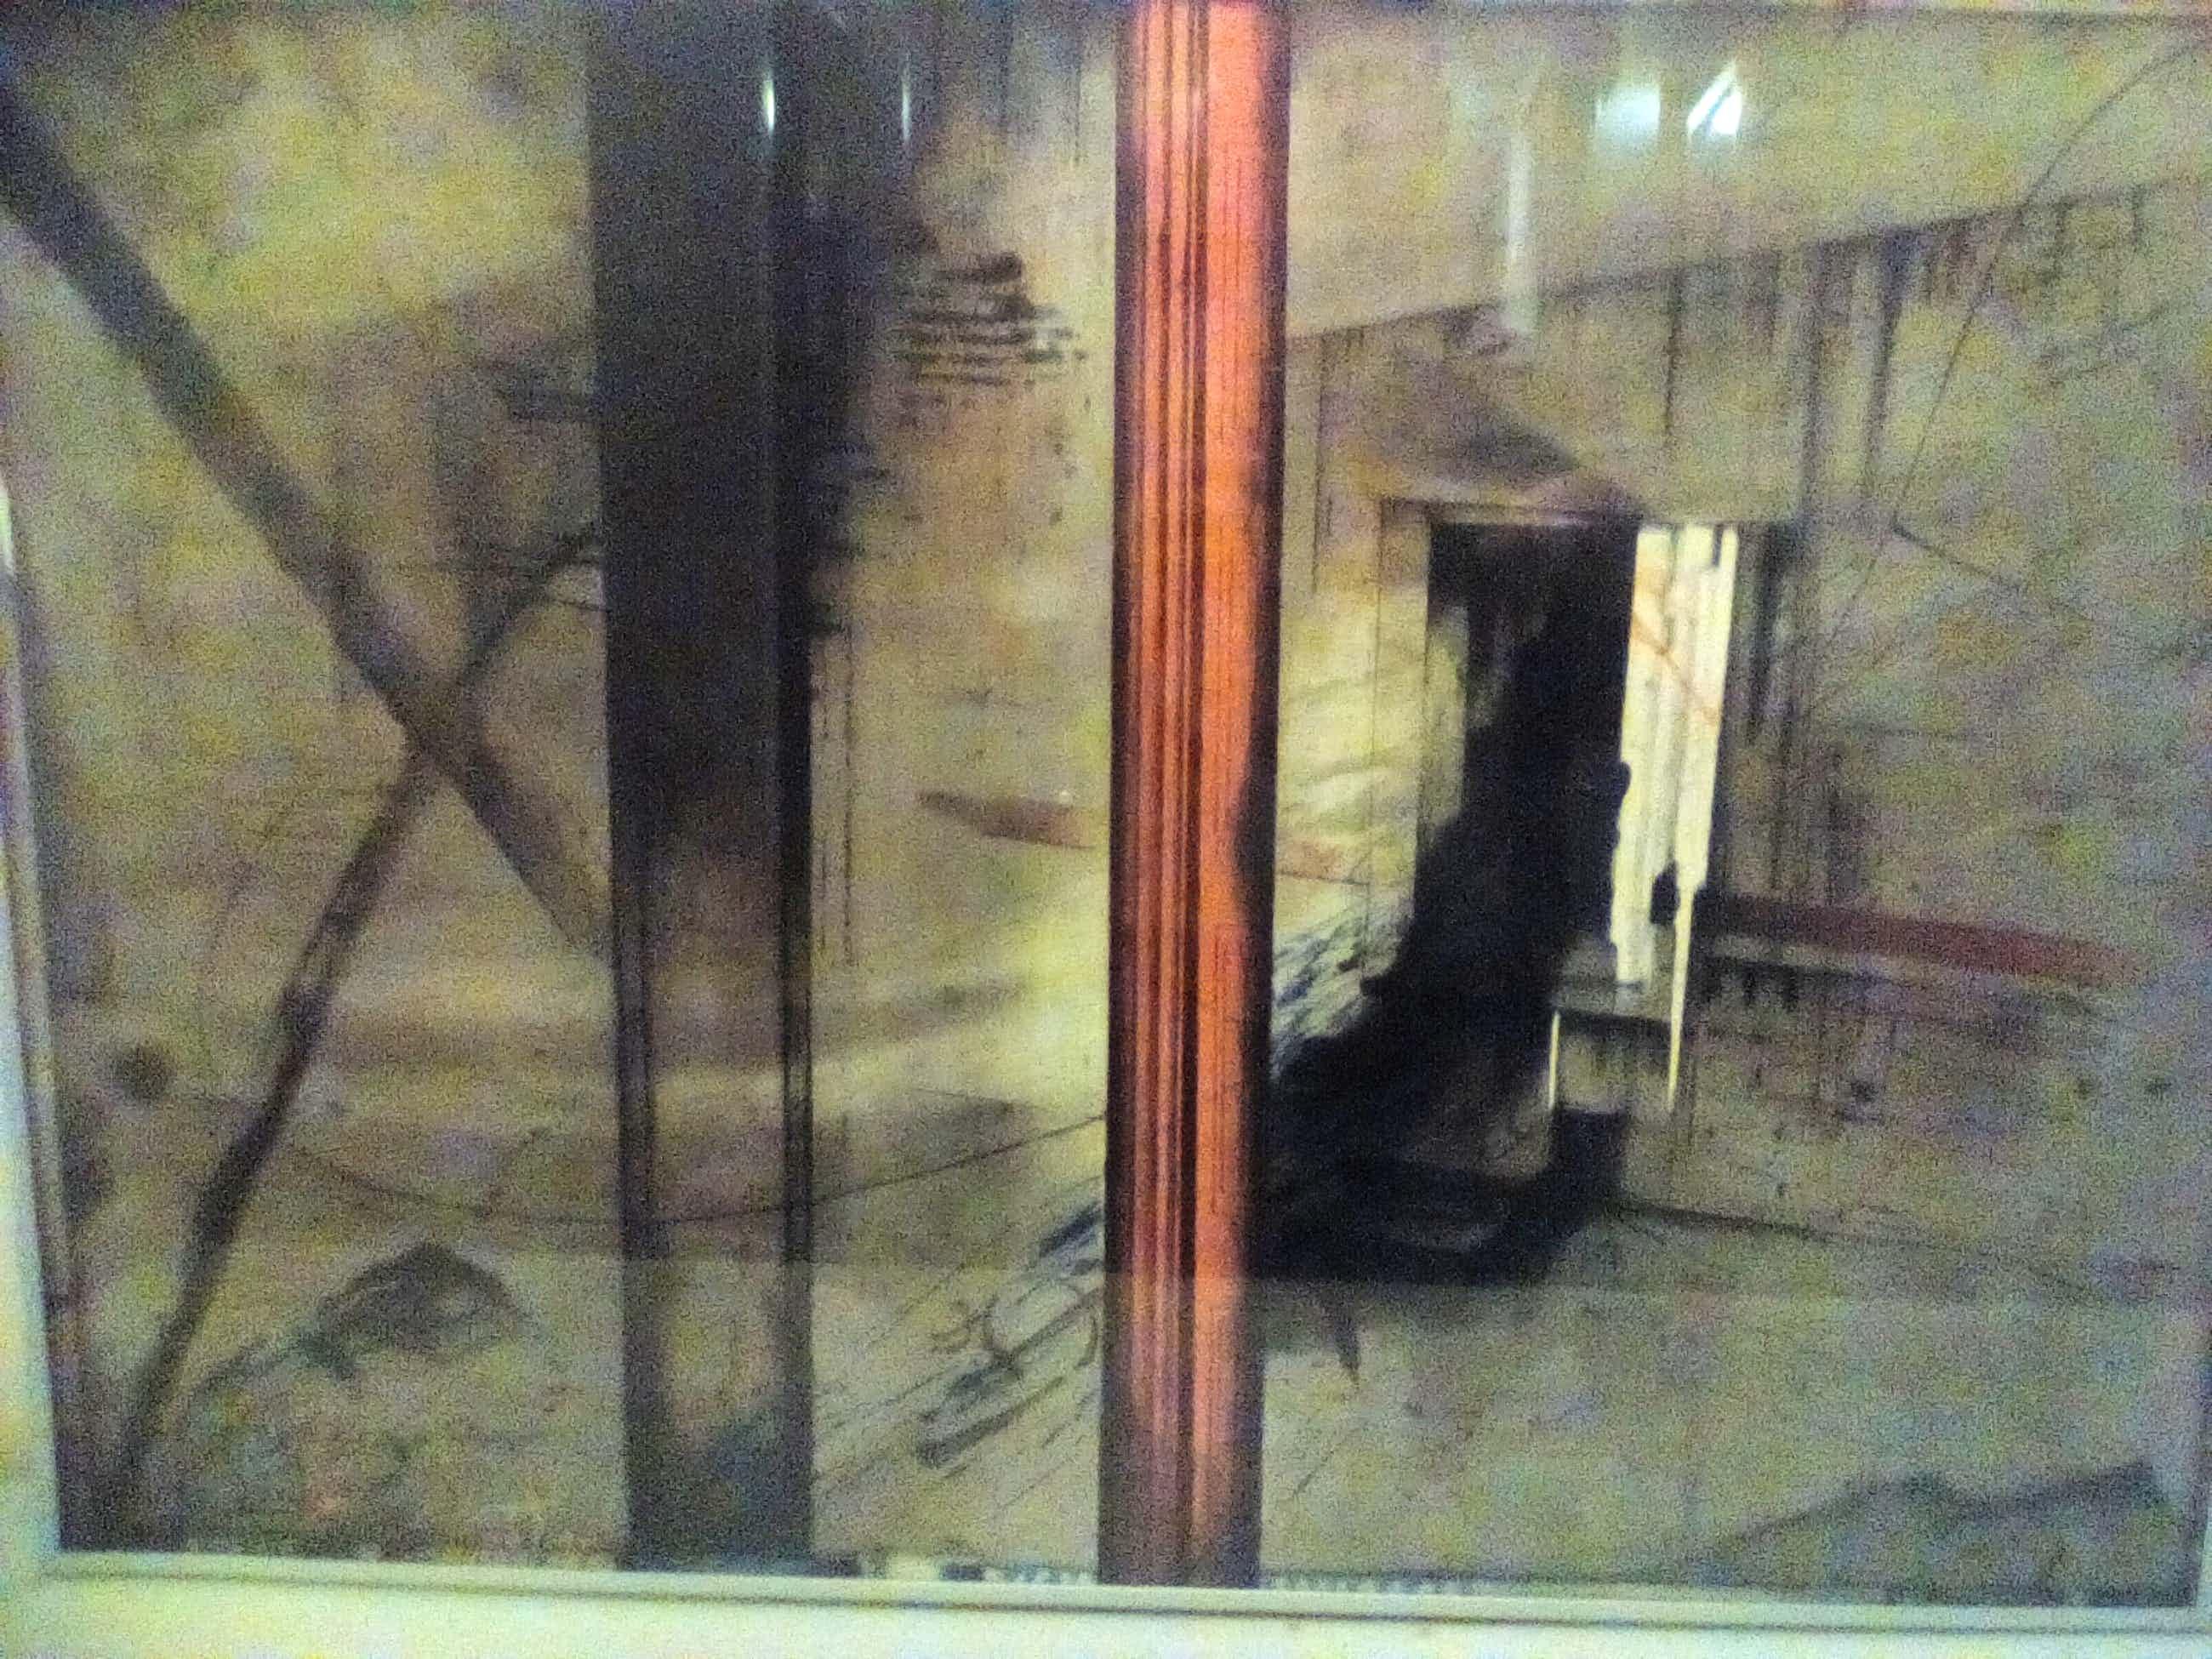 Gerti Bierenbroodspot - kleurenlitho - 'Apographon Saqqara' - 1981 kopen? Bied vanaf 100!